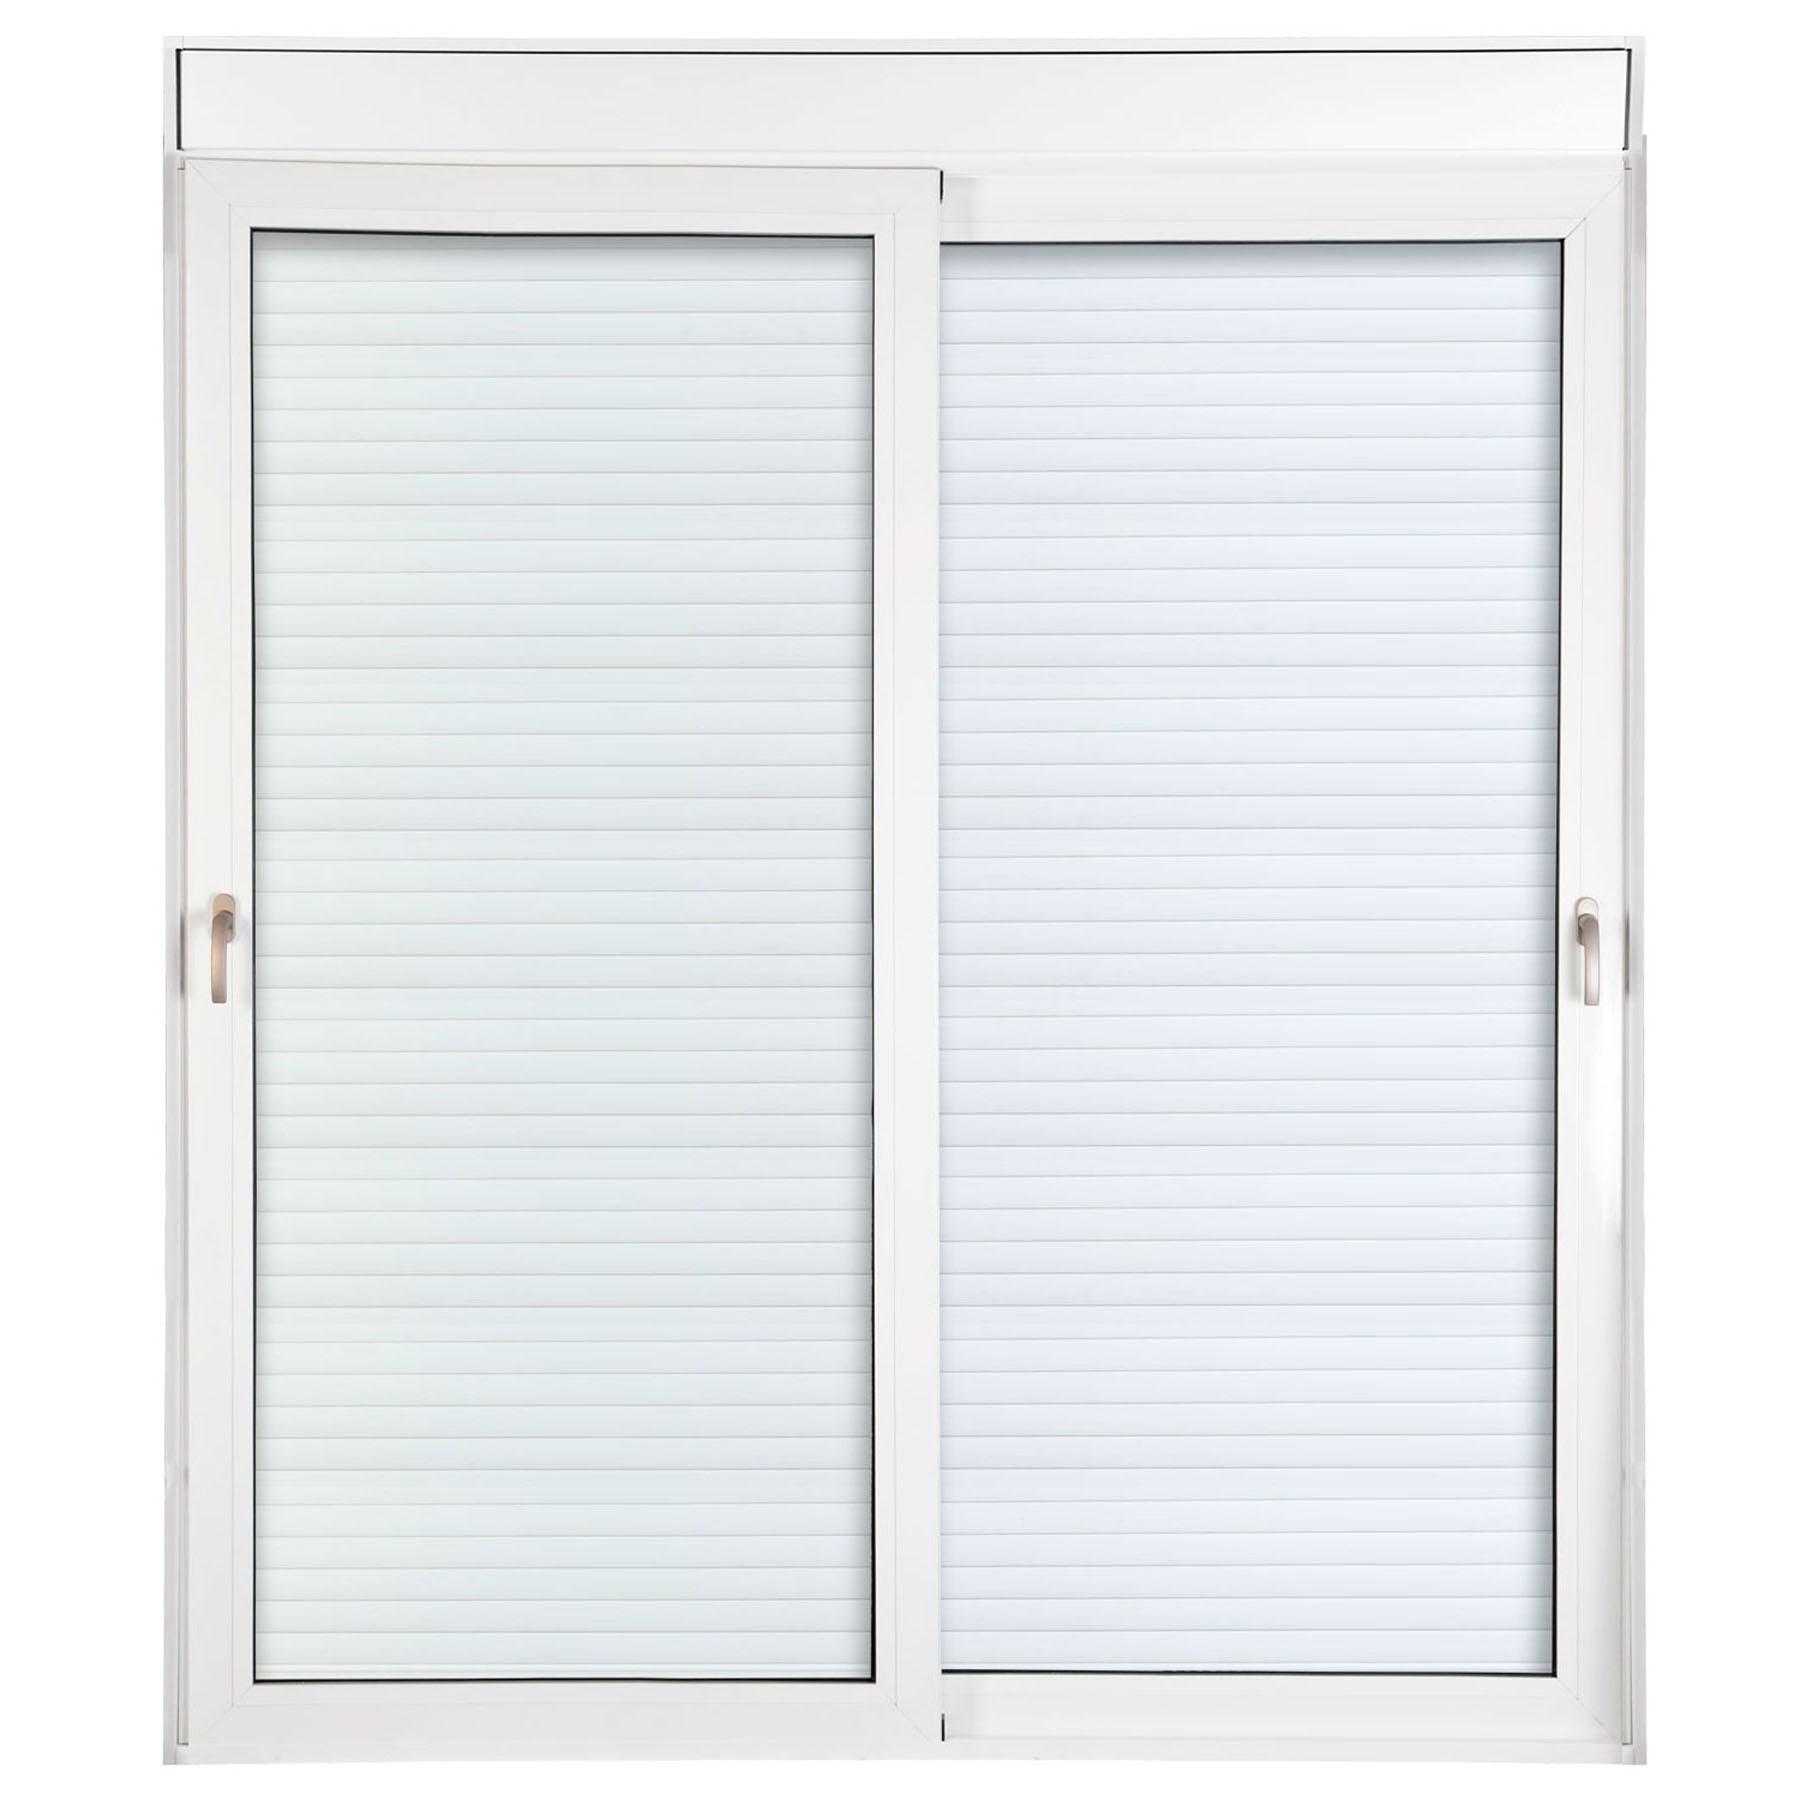 Porta 2 folhas de Correr com Vidro com Sem Travessa e Persiana Automática 110V com Fecho Multiponto - 200x235 - Veneza